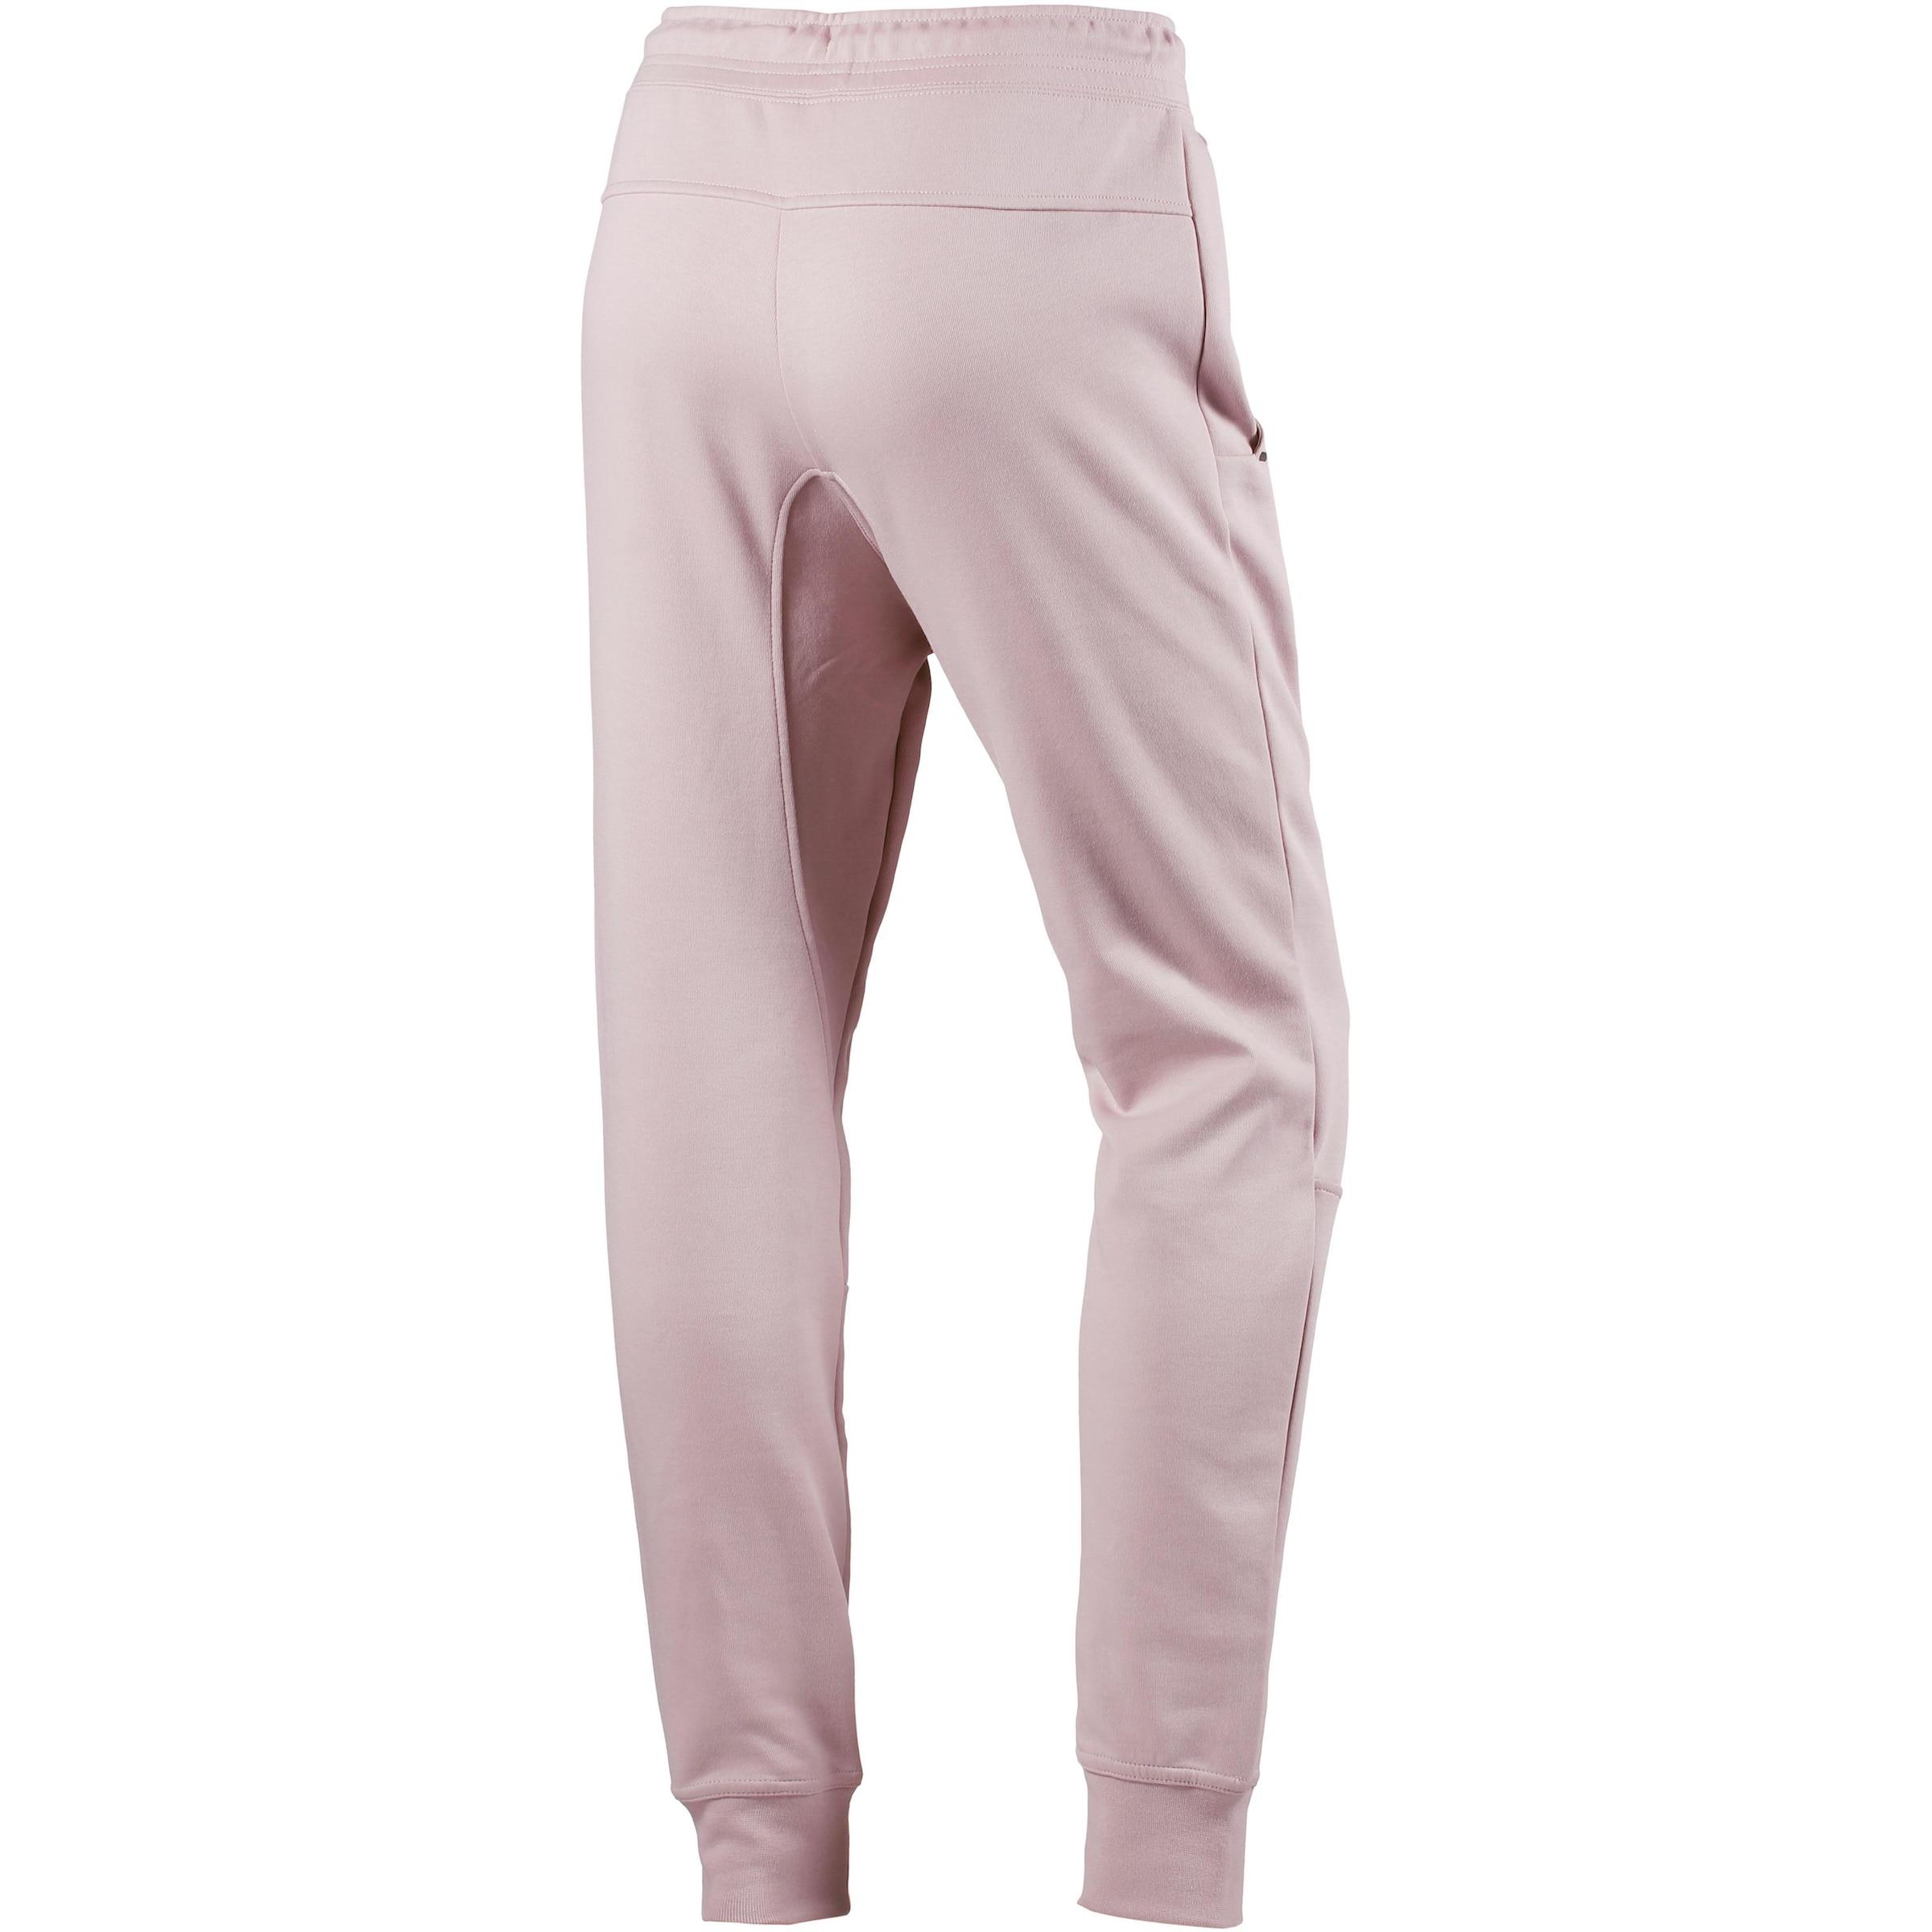 Mit Kreditkarte Online Nike Sportswear Tech Fleece Sweathose Wie Viel Günstigen Preis nvMvFQ7777